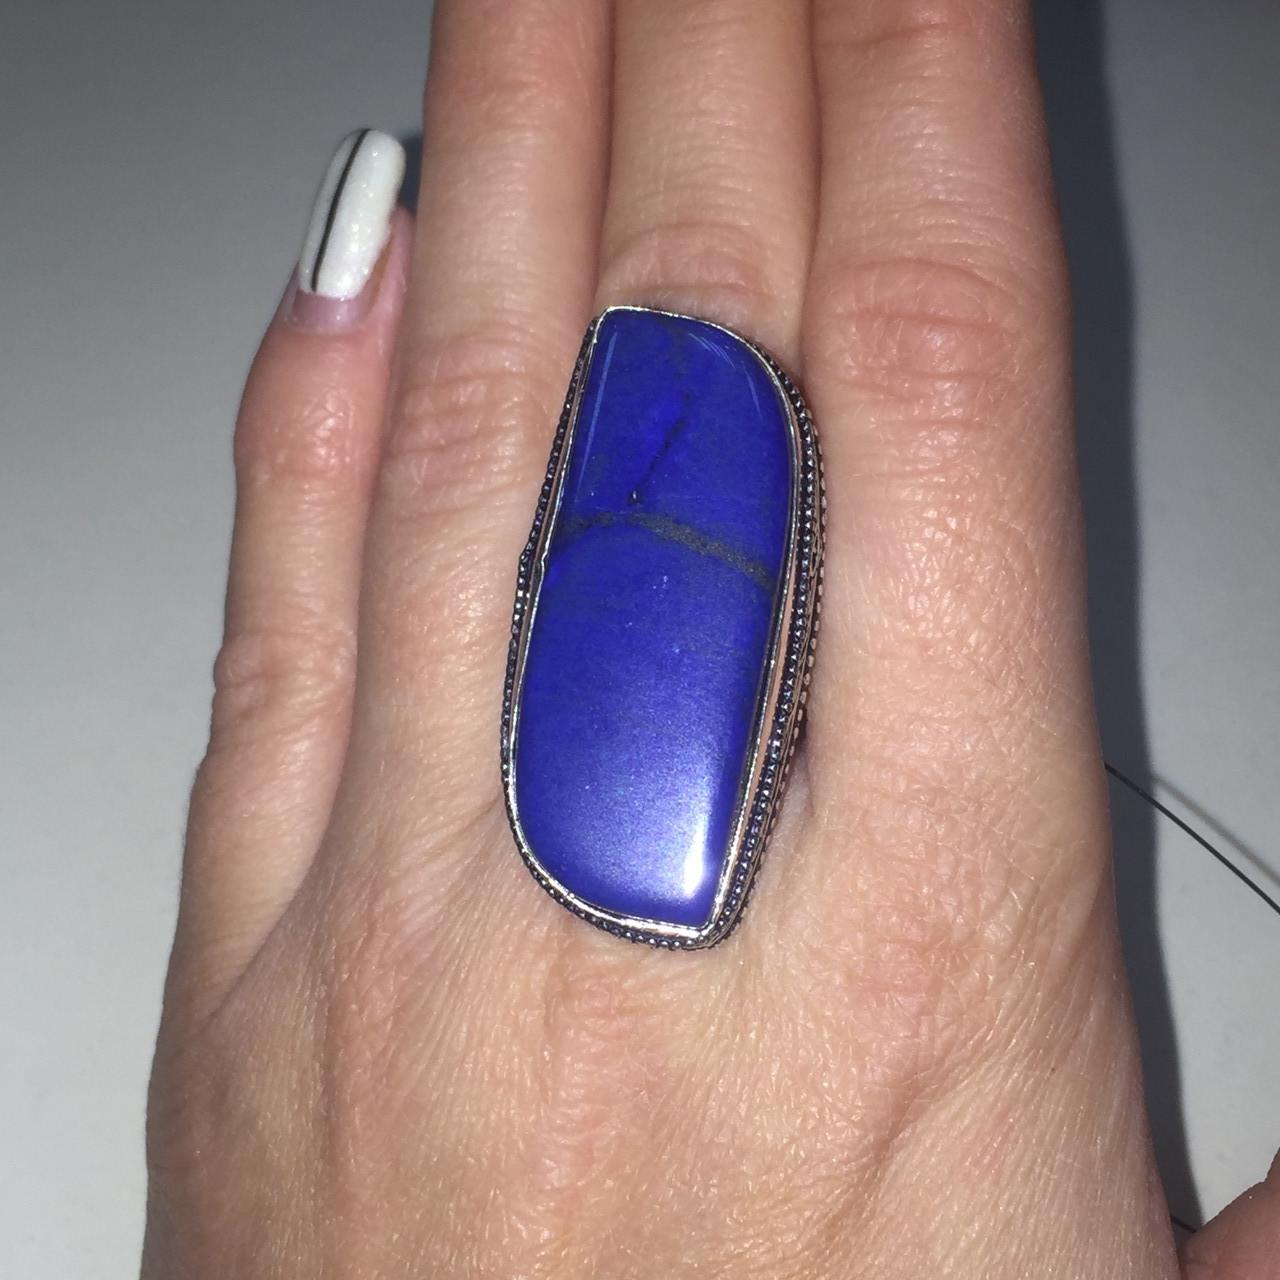 Лазурит кольцо с натуральным камнем лазурит кольцо с лазуритом в серебре. Размер 18 Индия